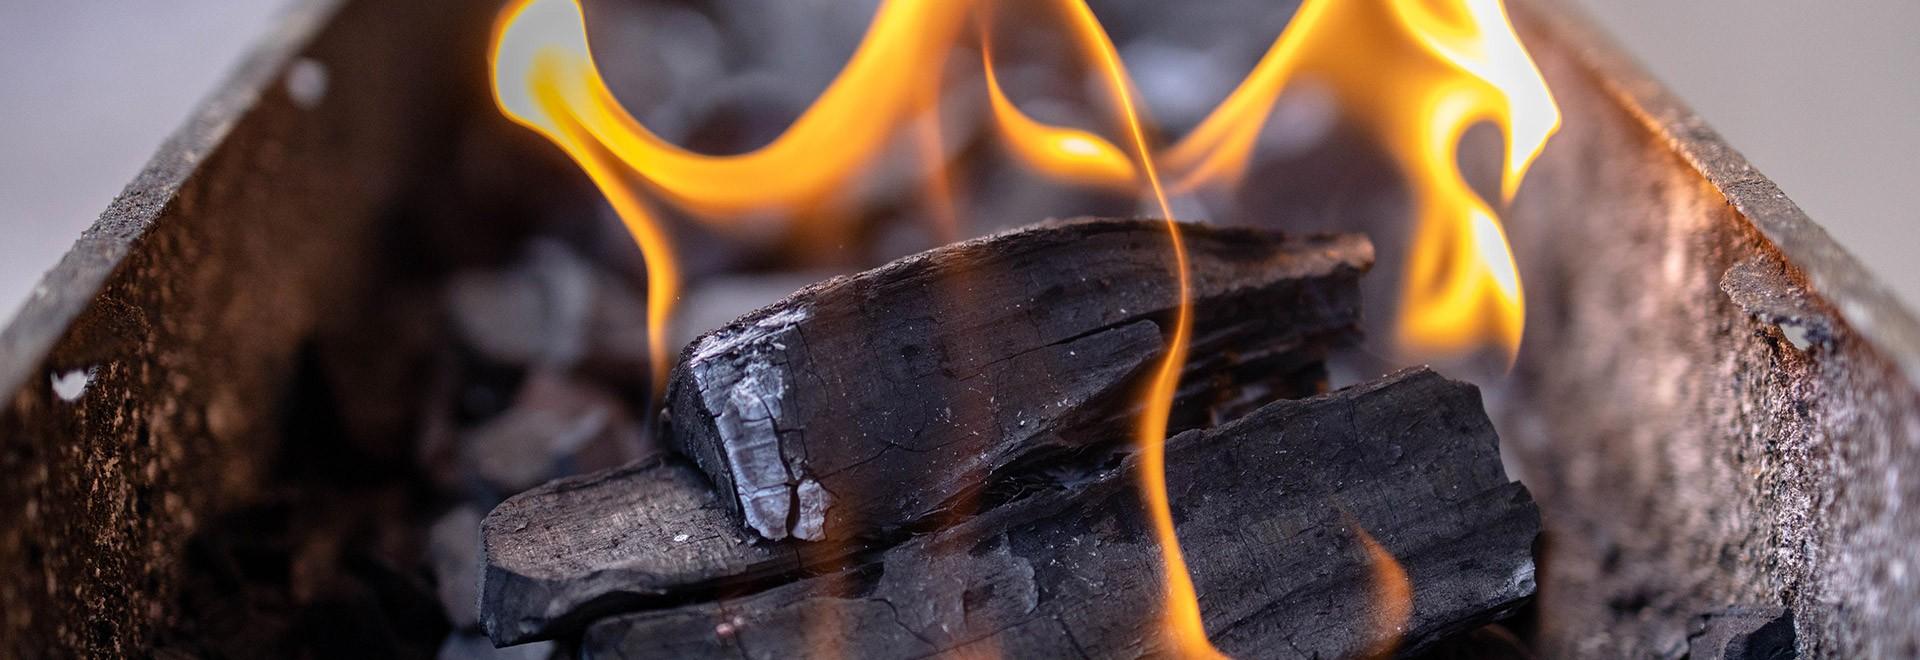 Briquettes et charbon de bois : portrait de ces combustibles